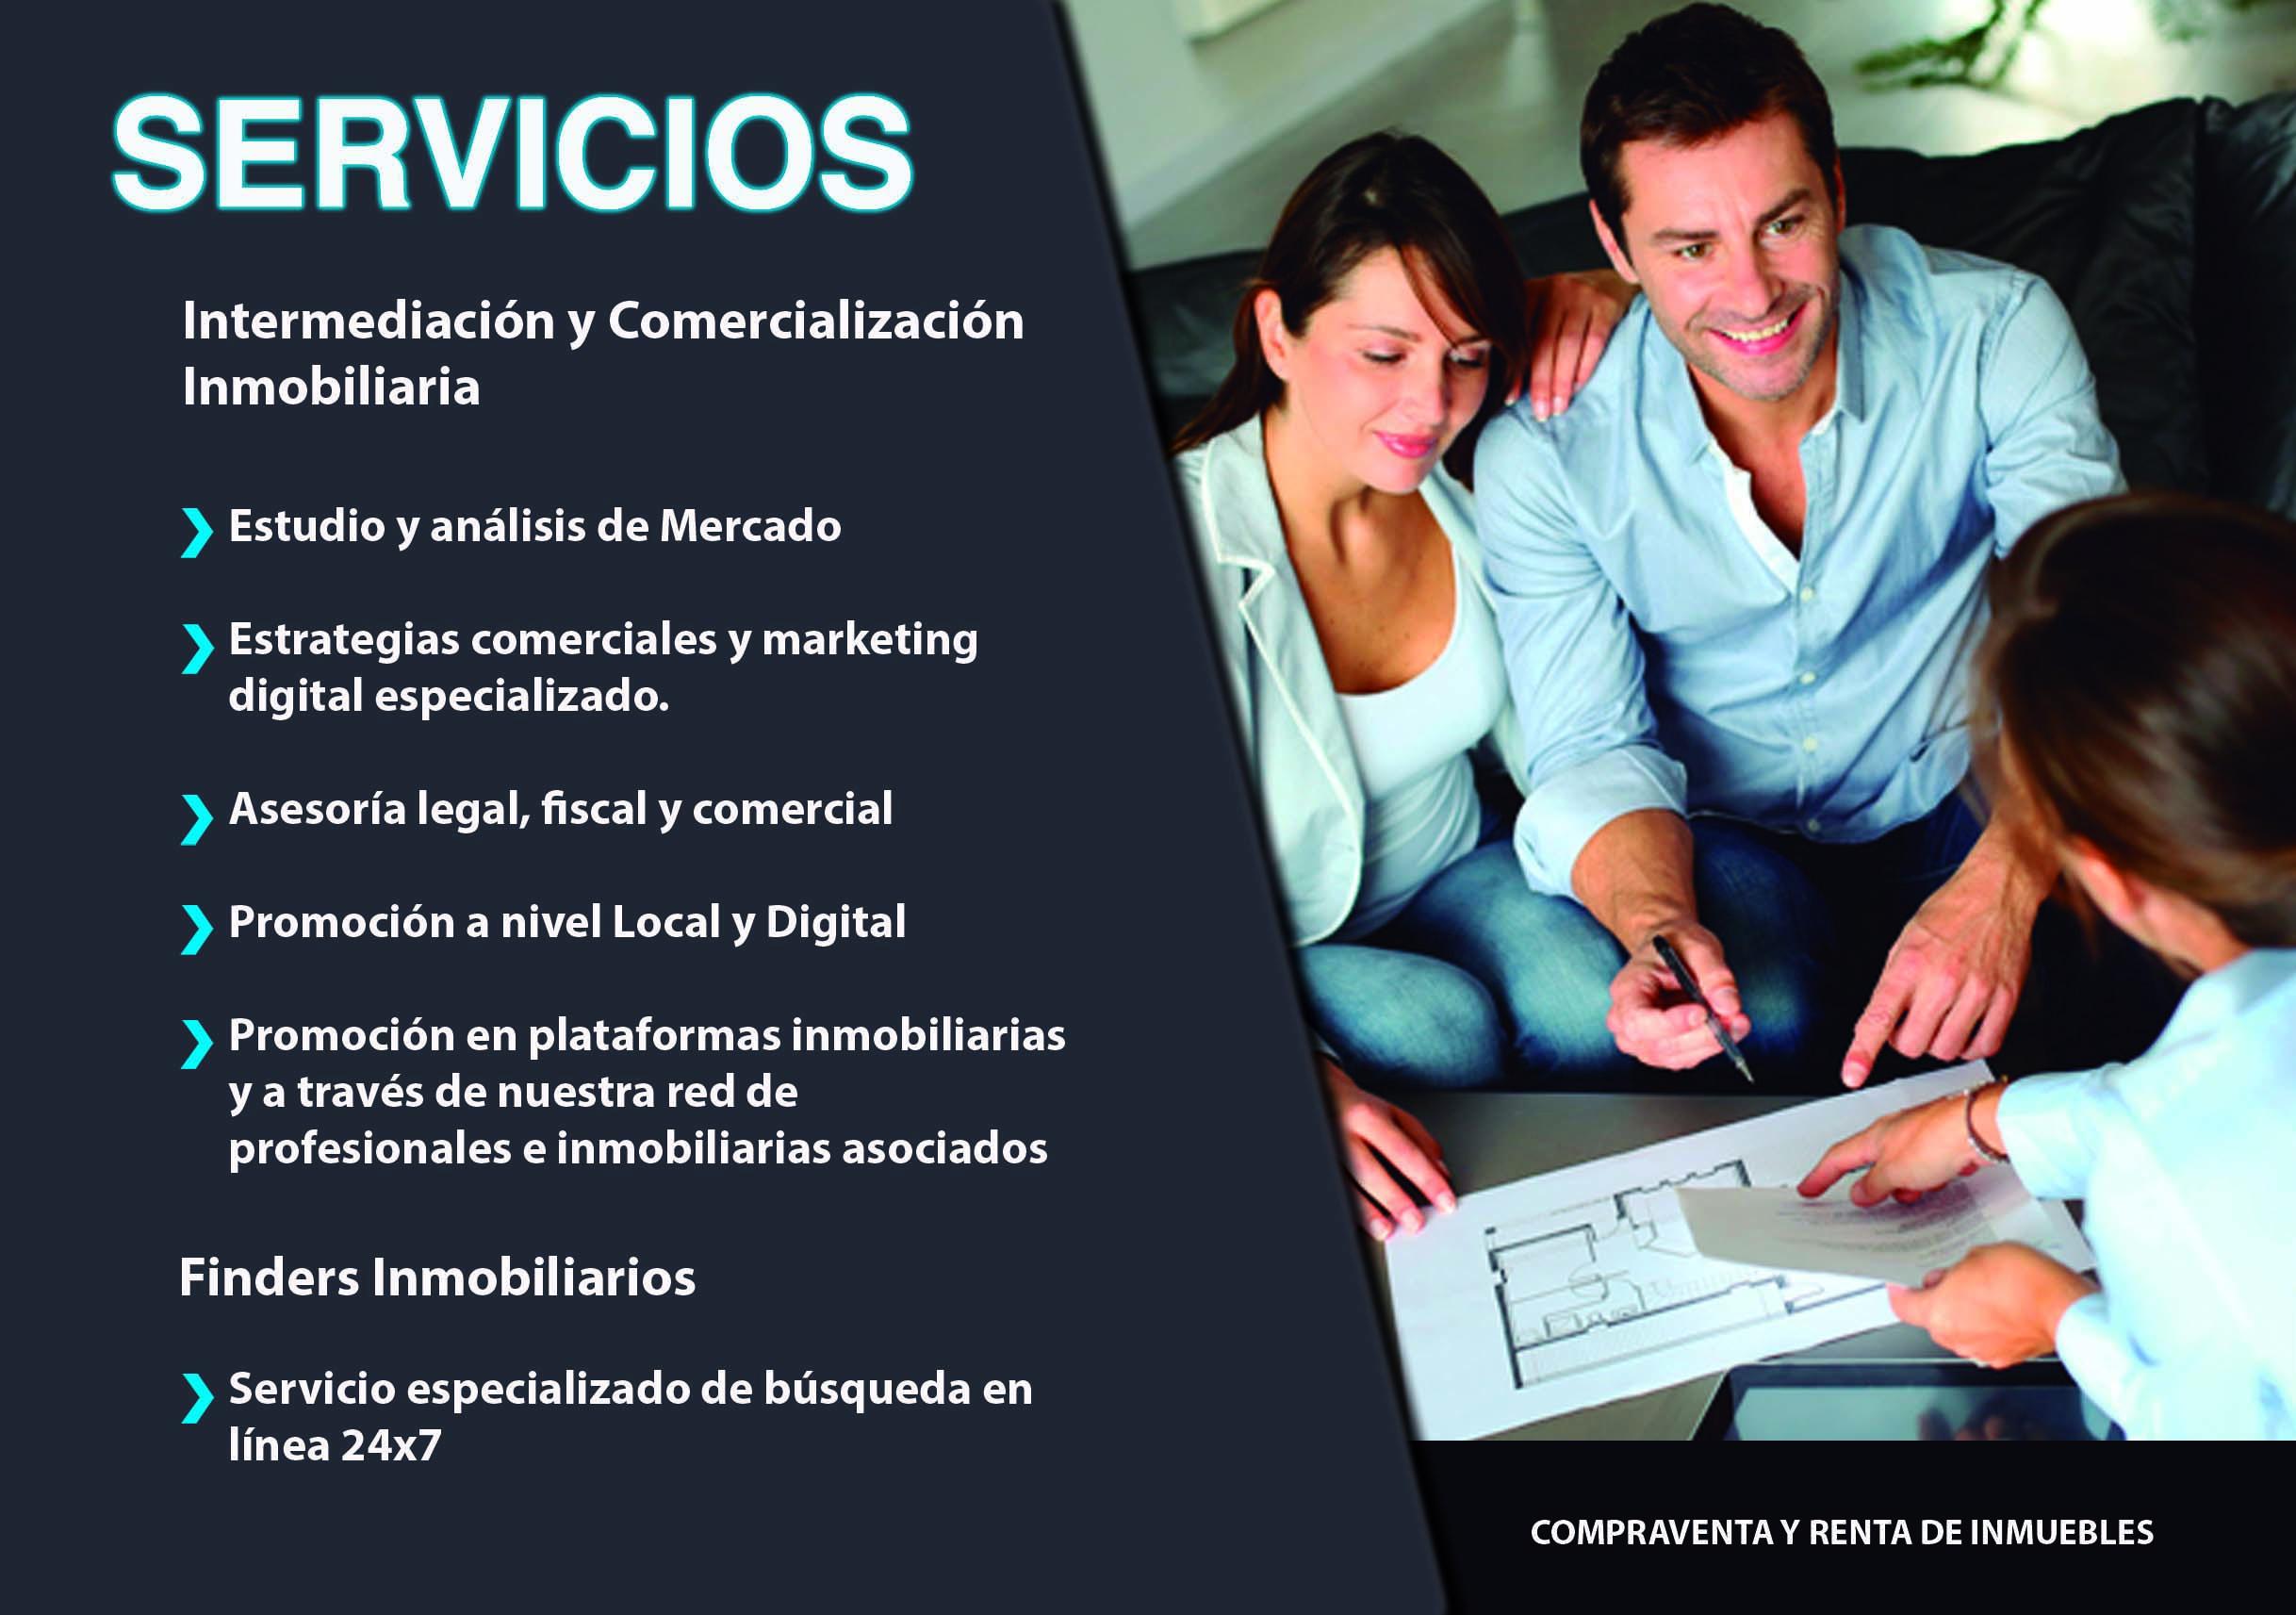 servicios_web.jpg